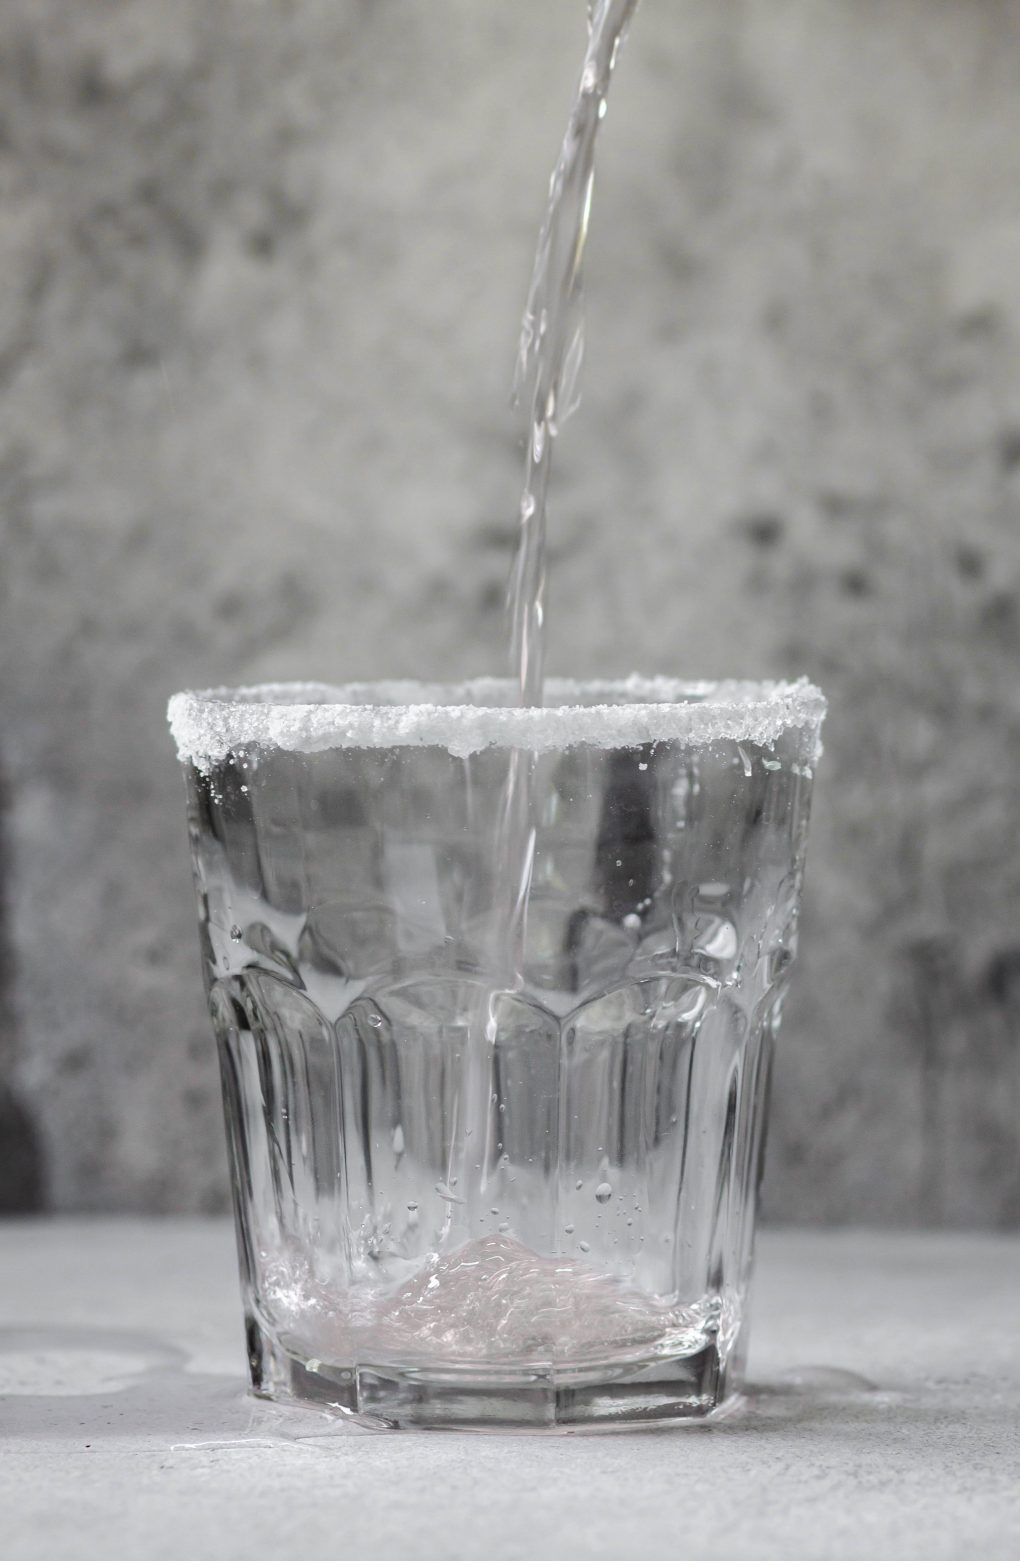 pouring pamplemousse La Croix into a glass